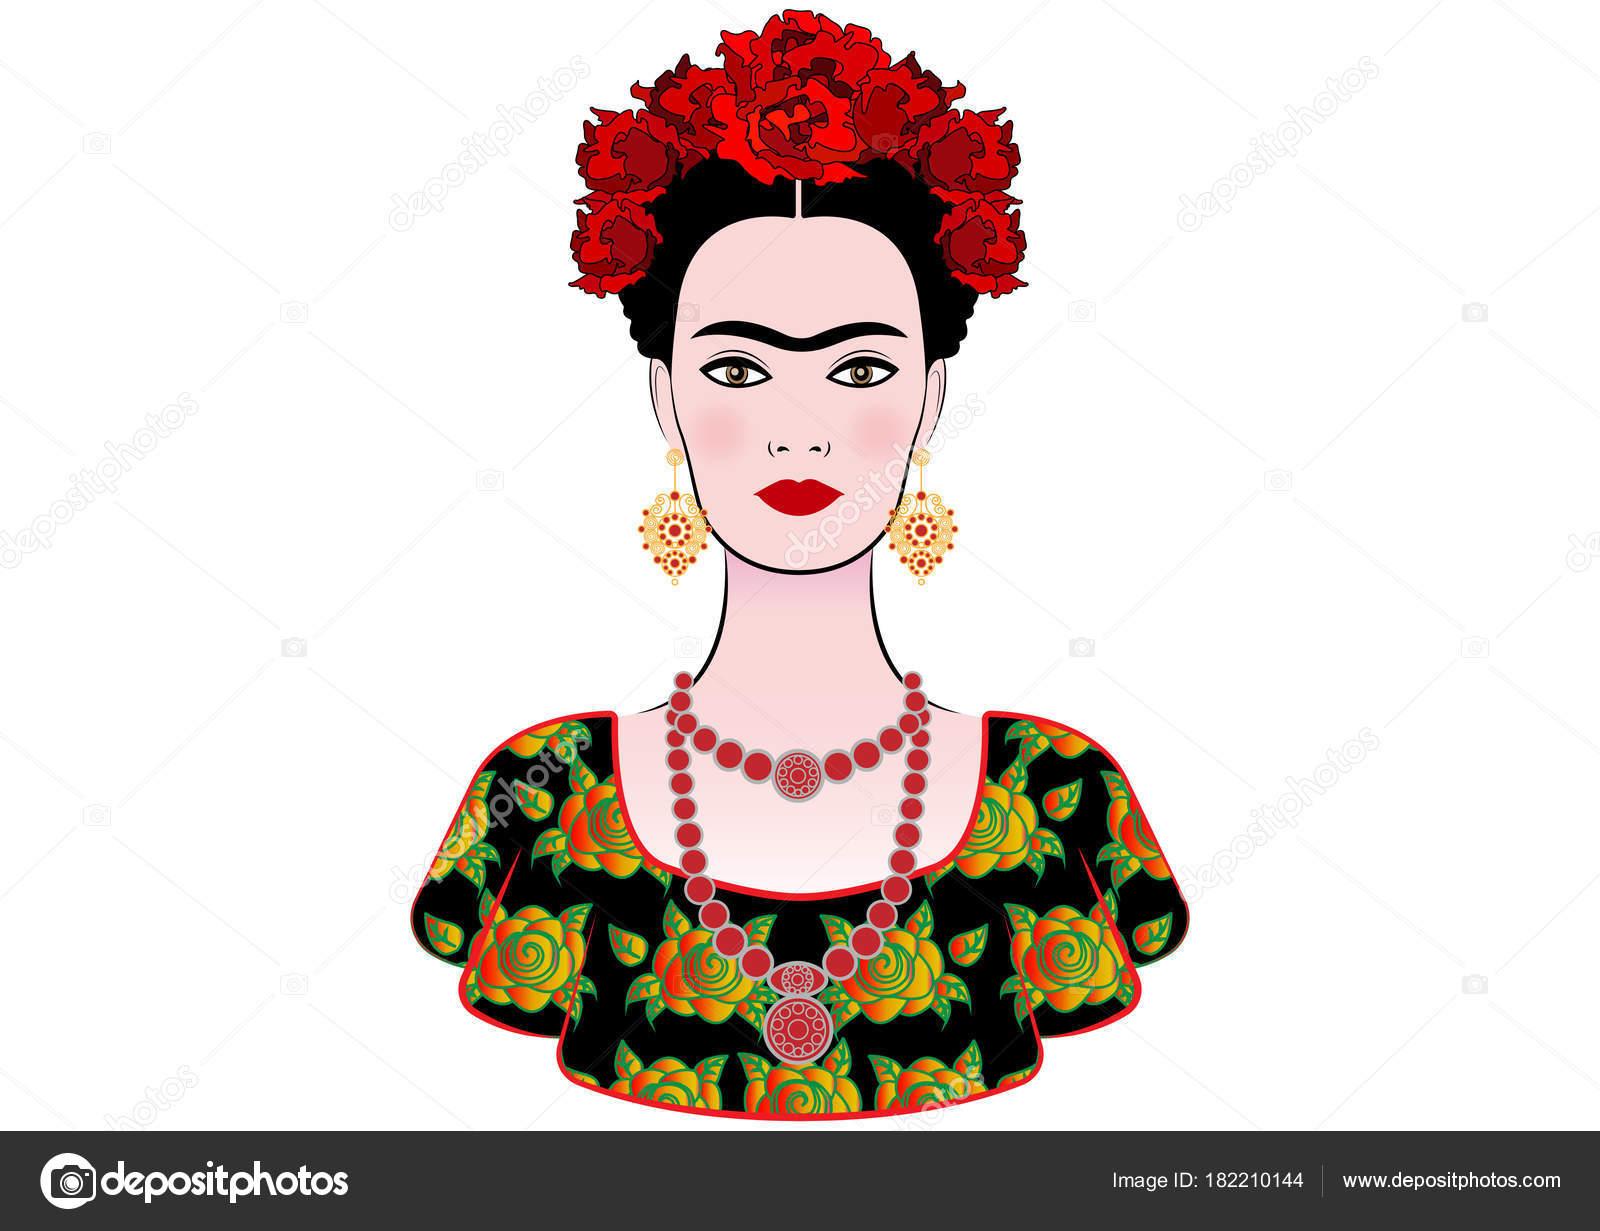 Frida Kahlo Para Dibujar: Retrato De Vetor De Frida Kahlo, Interpretação Gráfica